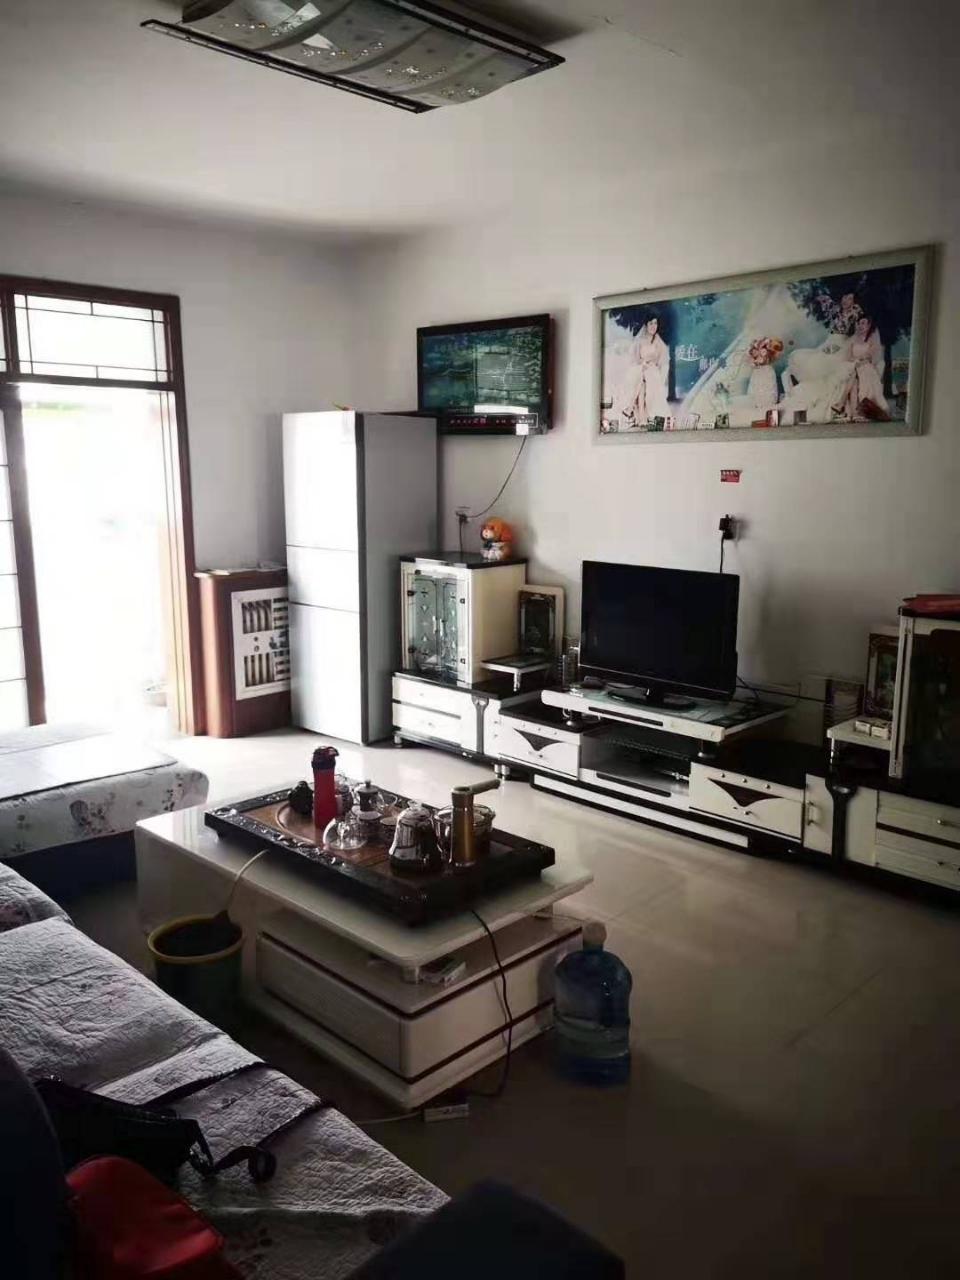 首付12万 买盛华小区 两室精装房 拎包入住非顶楼